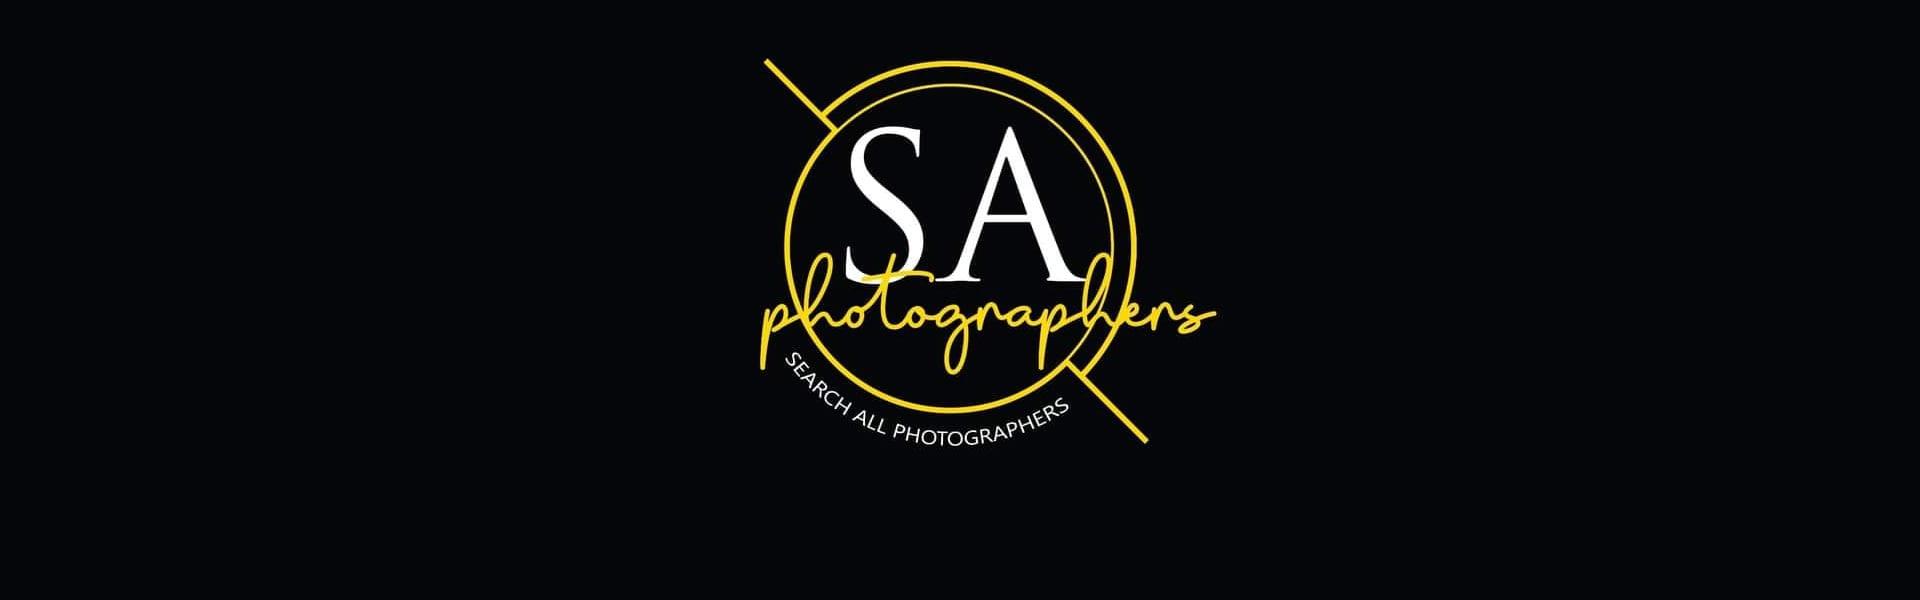 Winter Photography SA Photographers